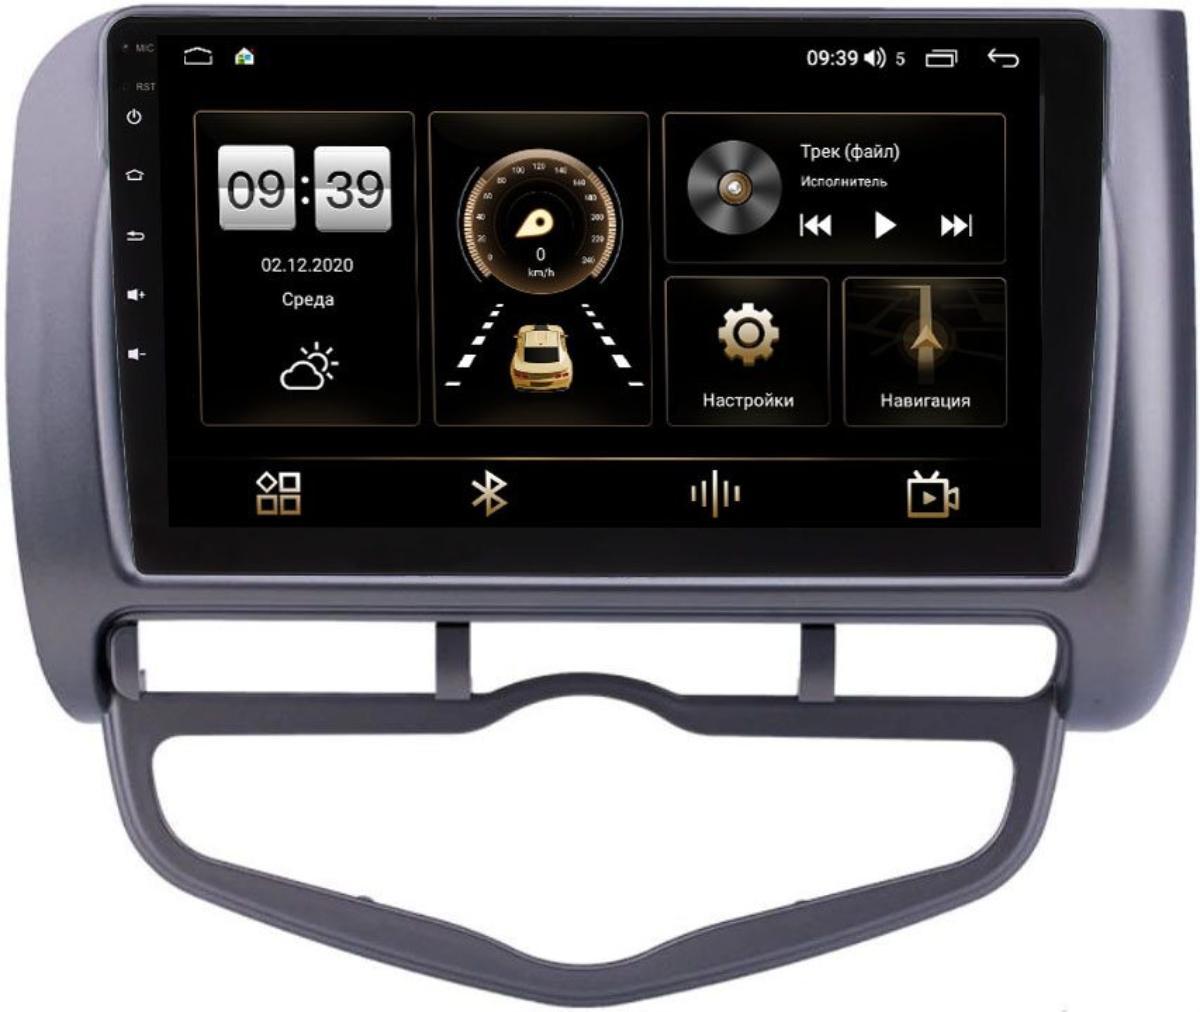 Штатная магнитола Honda Jazz I 2001-2008 (левый руль) LeTrun 4196-9267 на Android 10 (6/128, DSP, QLed) С оптическим выходом (+ Камера заднего вида в подарок!)